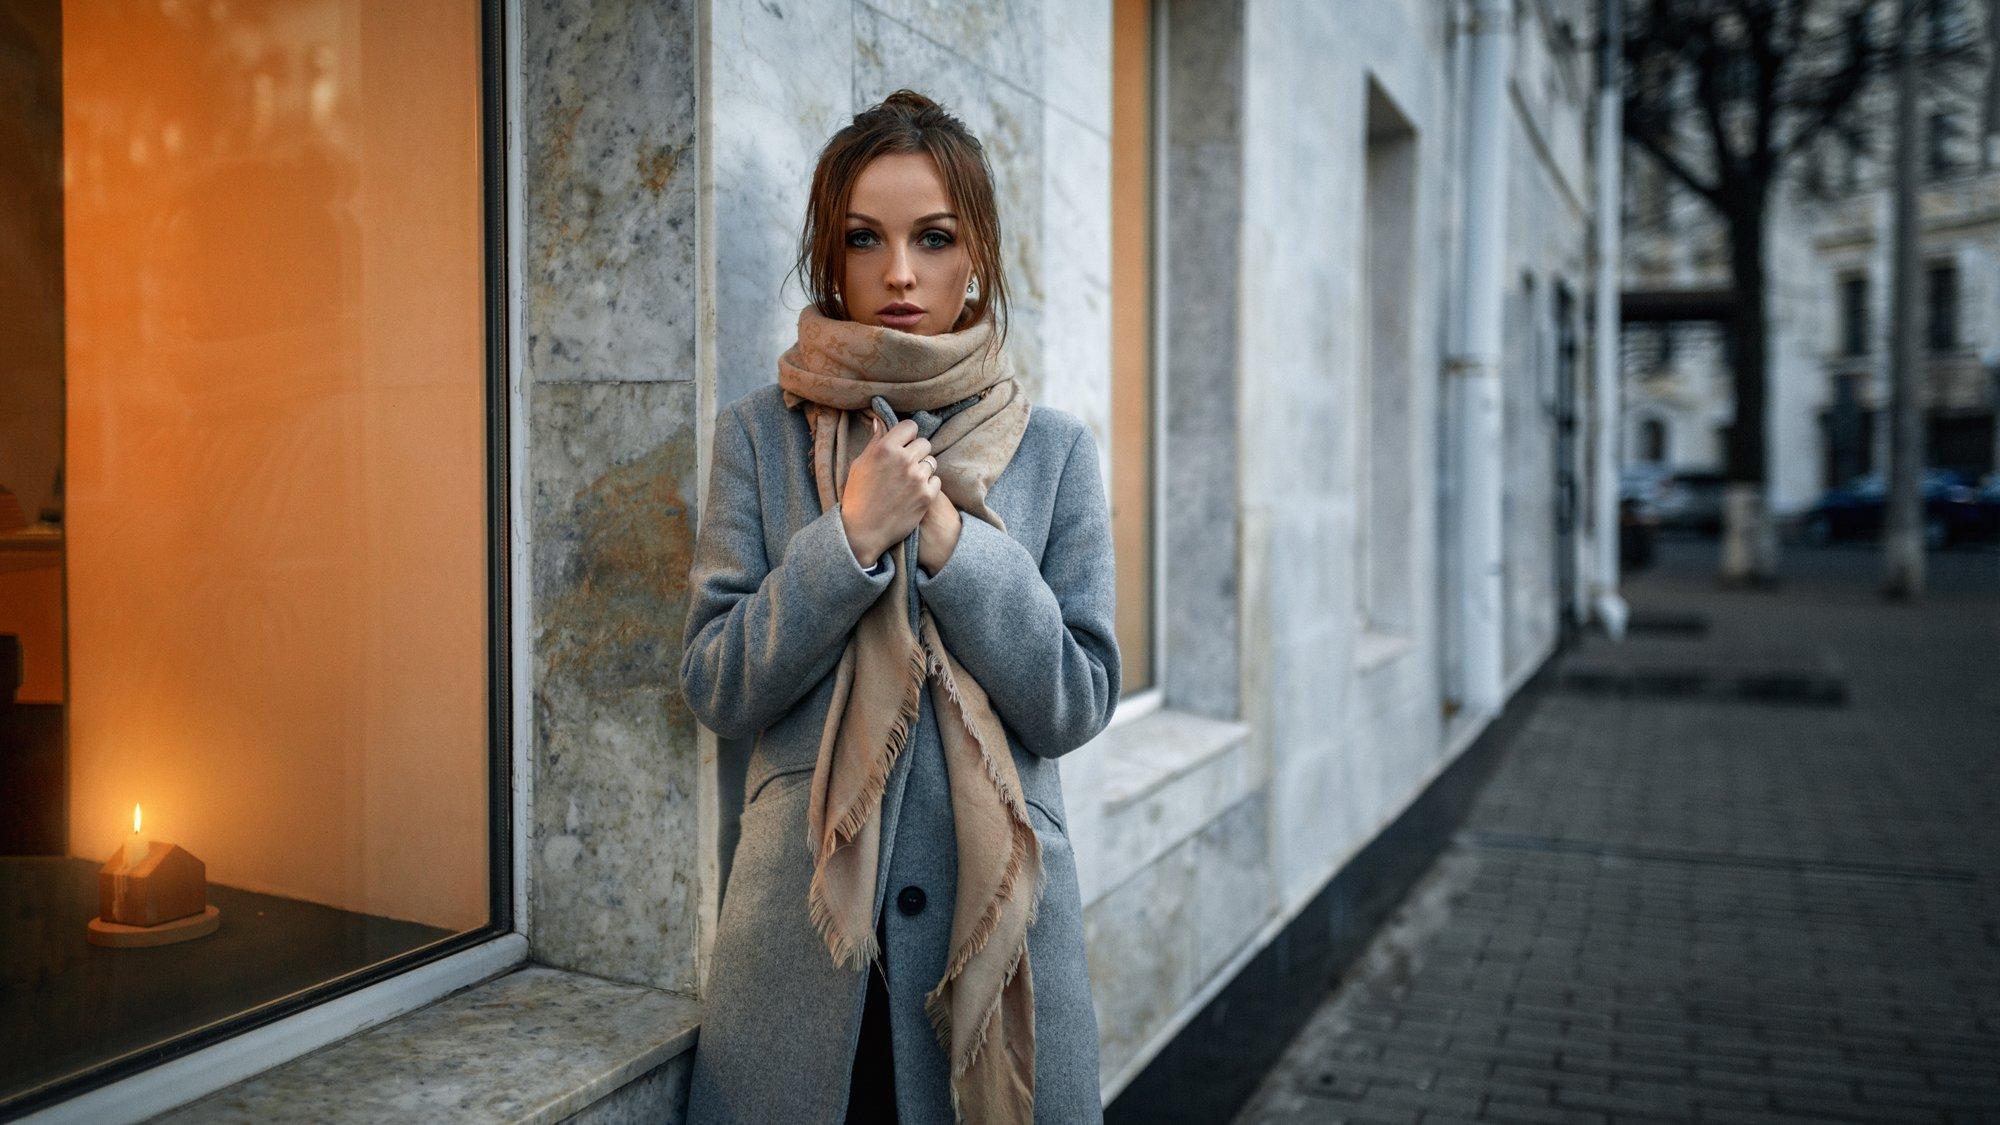 девушка, портрет, дом, свет, улица, Александр Куренной